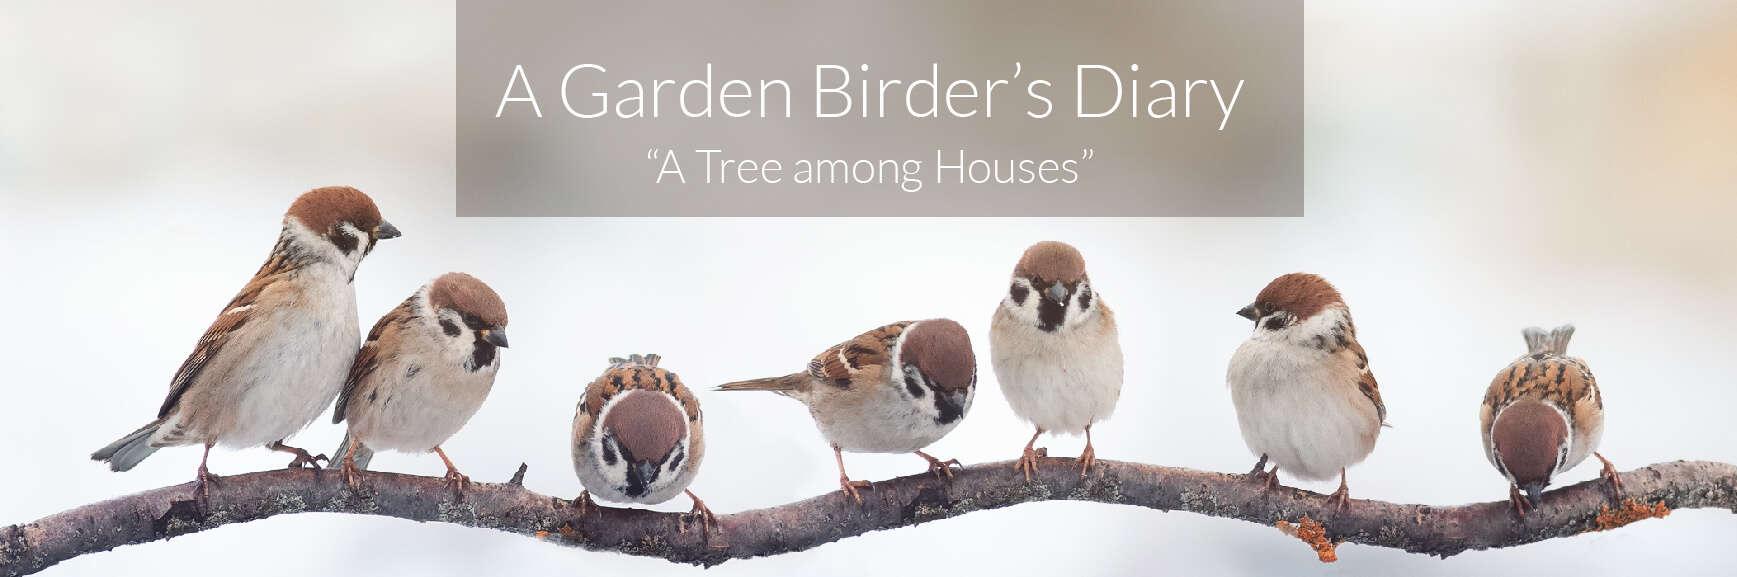 A Garden Birder's Diary – A Tree among Houses